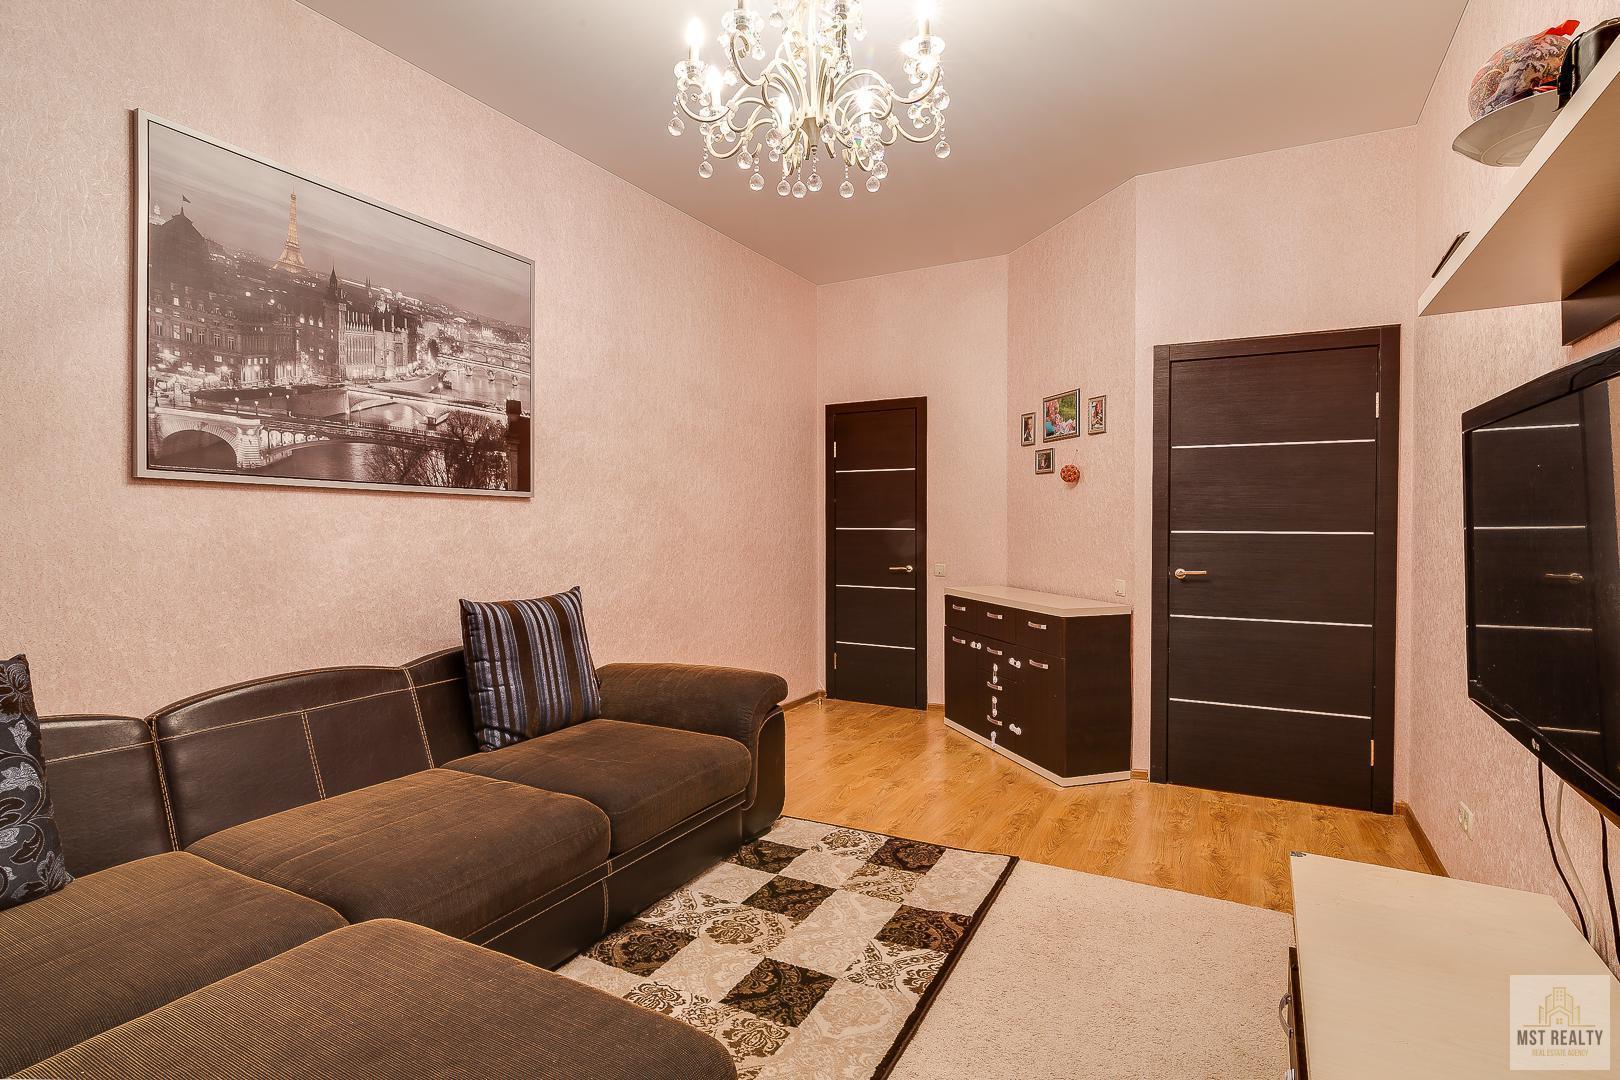 Appartamento a Orvieto edifici